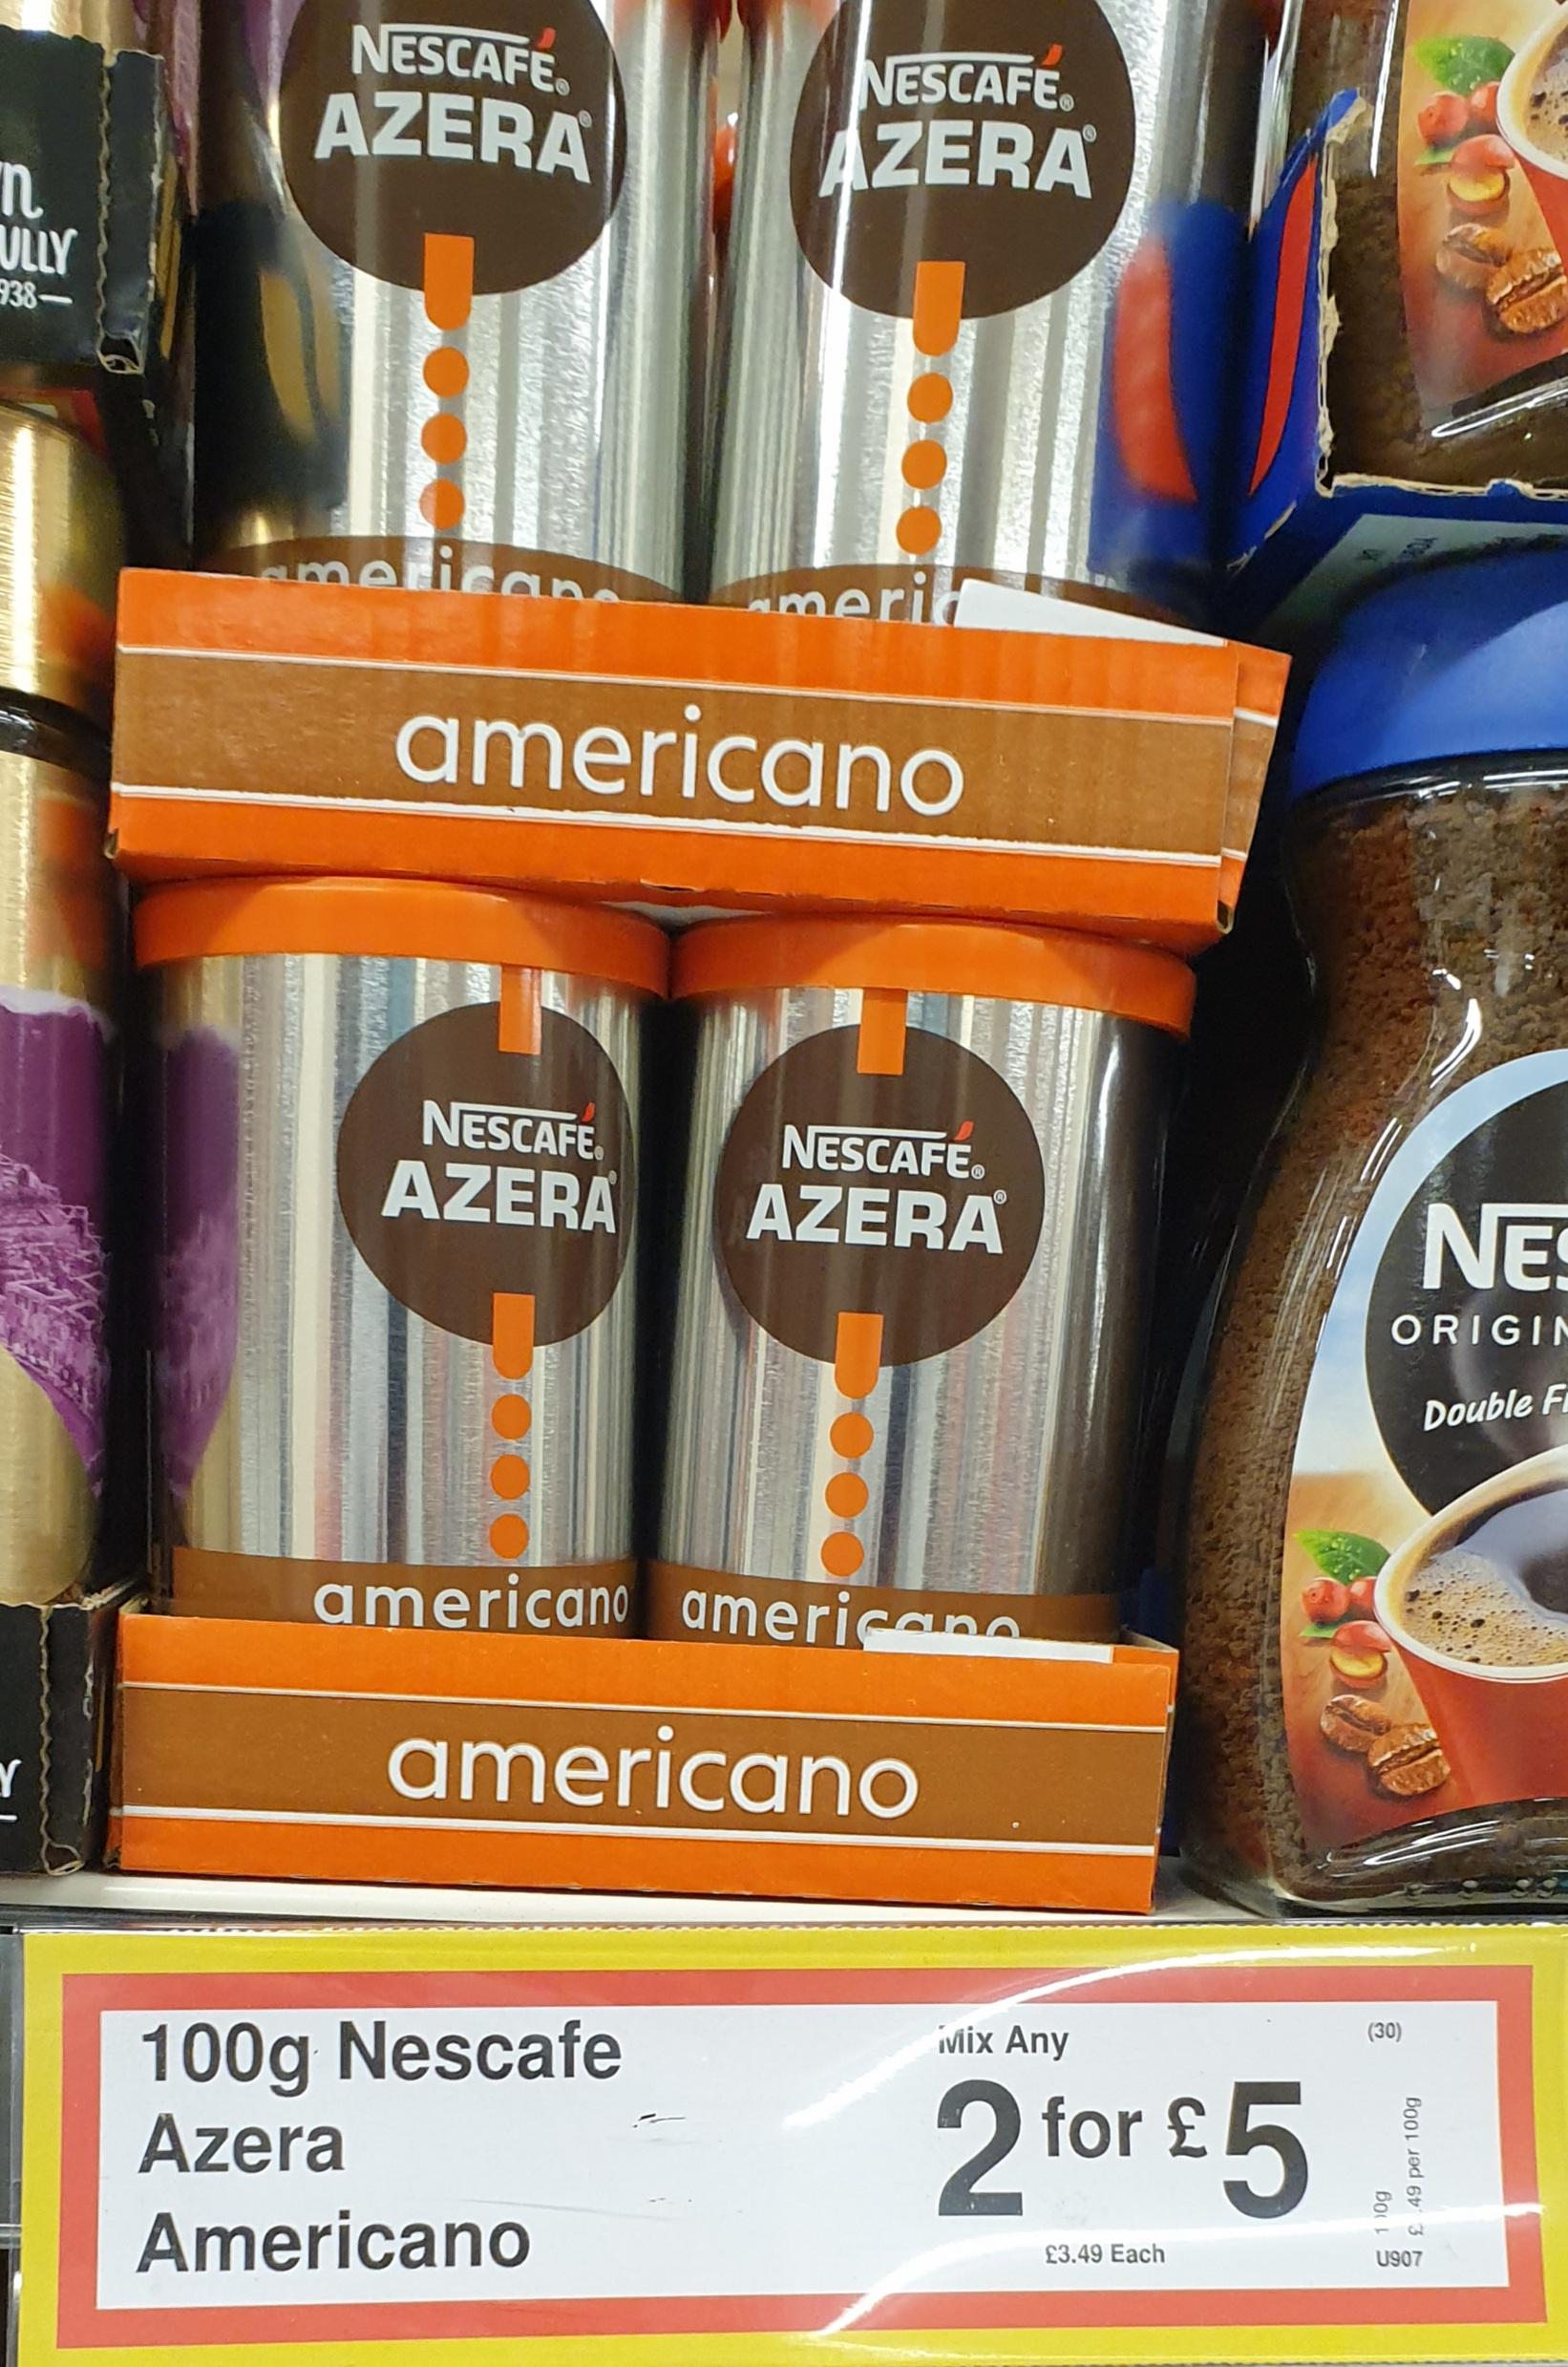 Nescafé AZERA Americano 100g - 2 for £5 at FarmFoods Barrhead